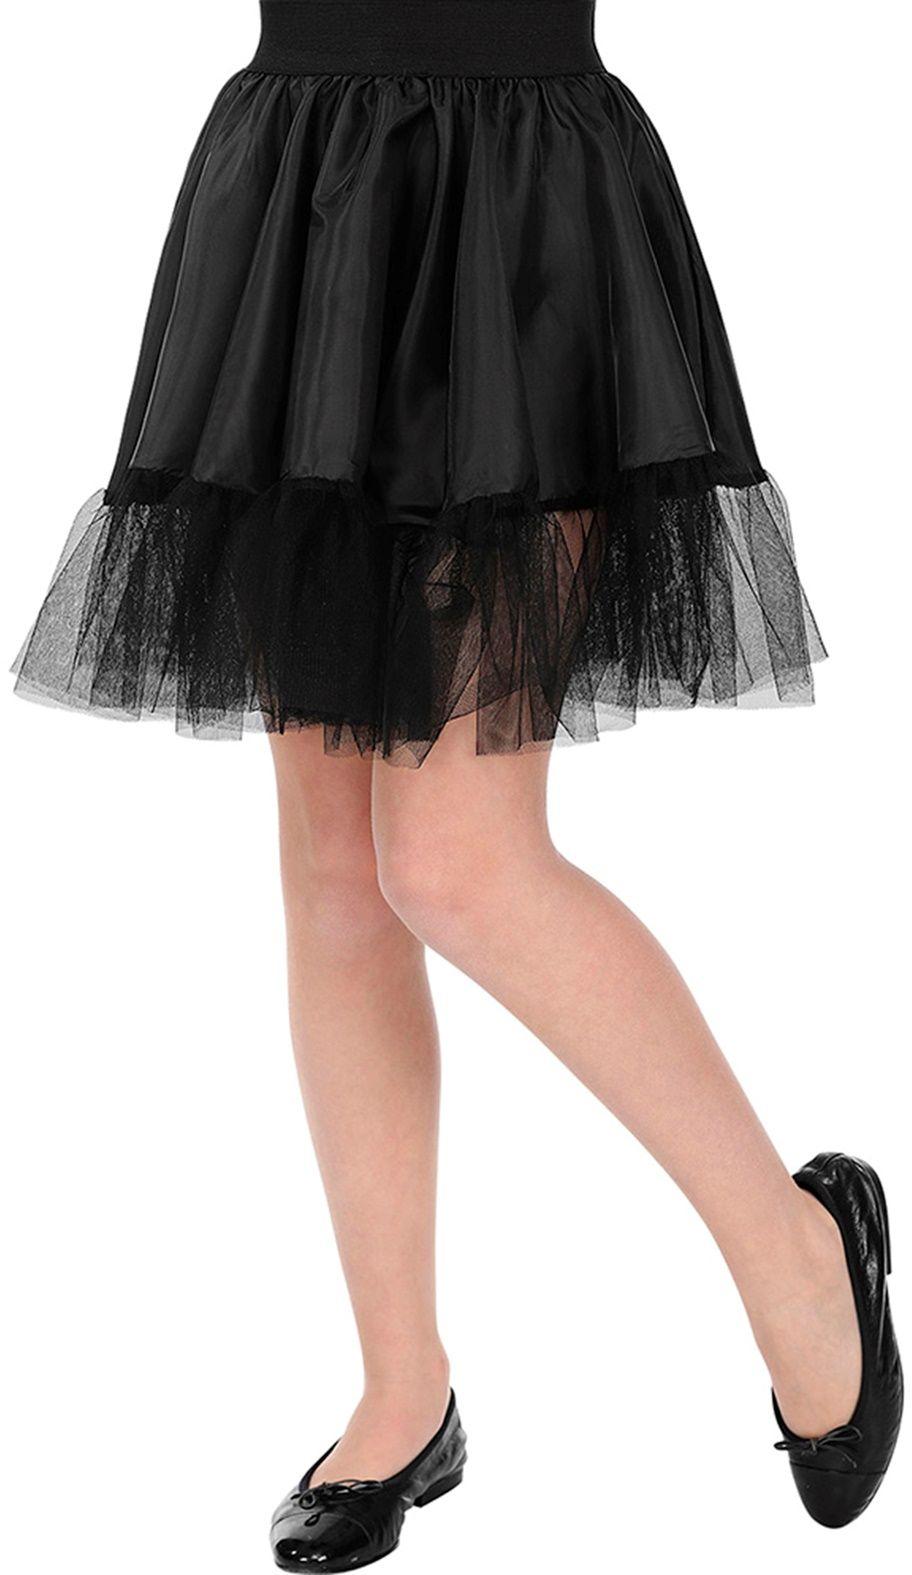 Zwart petticoat rokje meisje